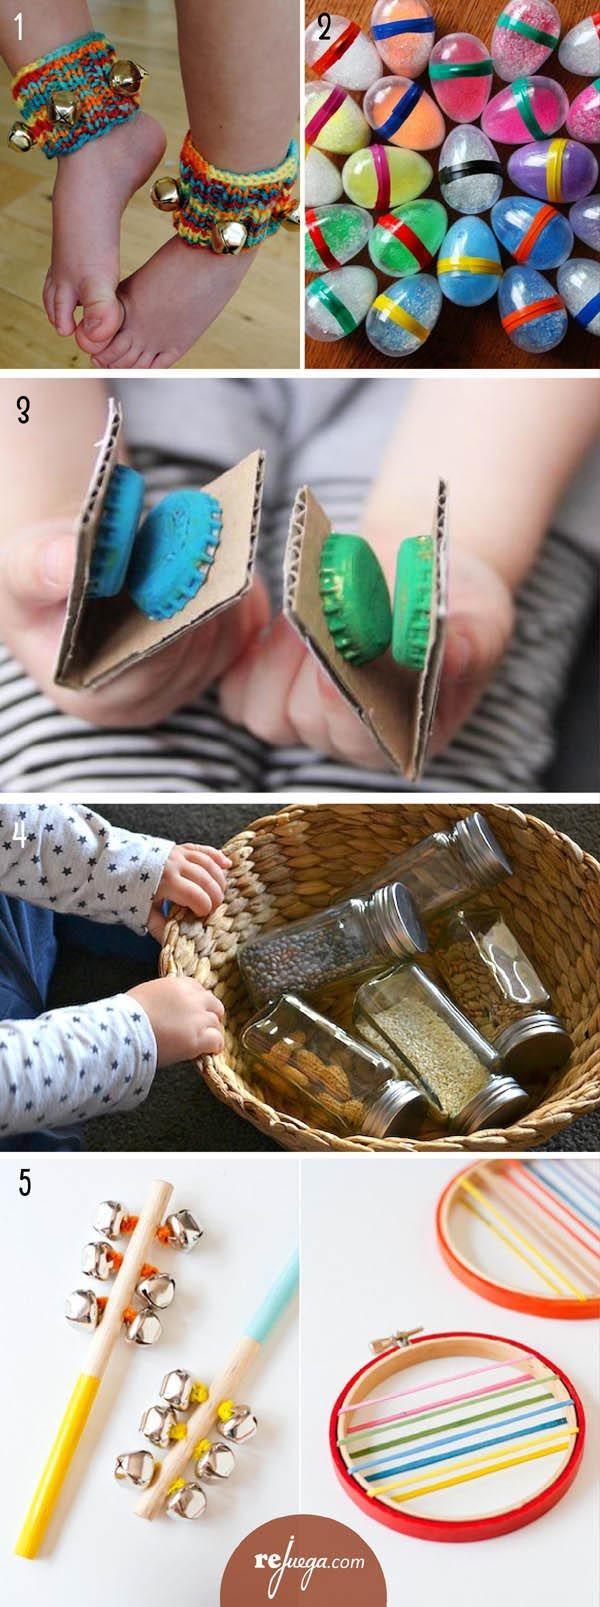 instrumentos musicales para niños hechos en casa